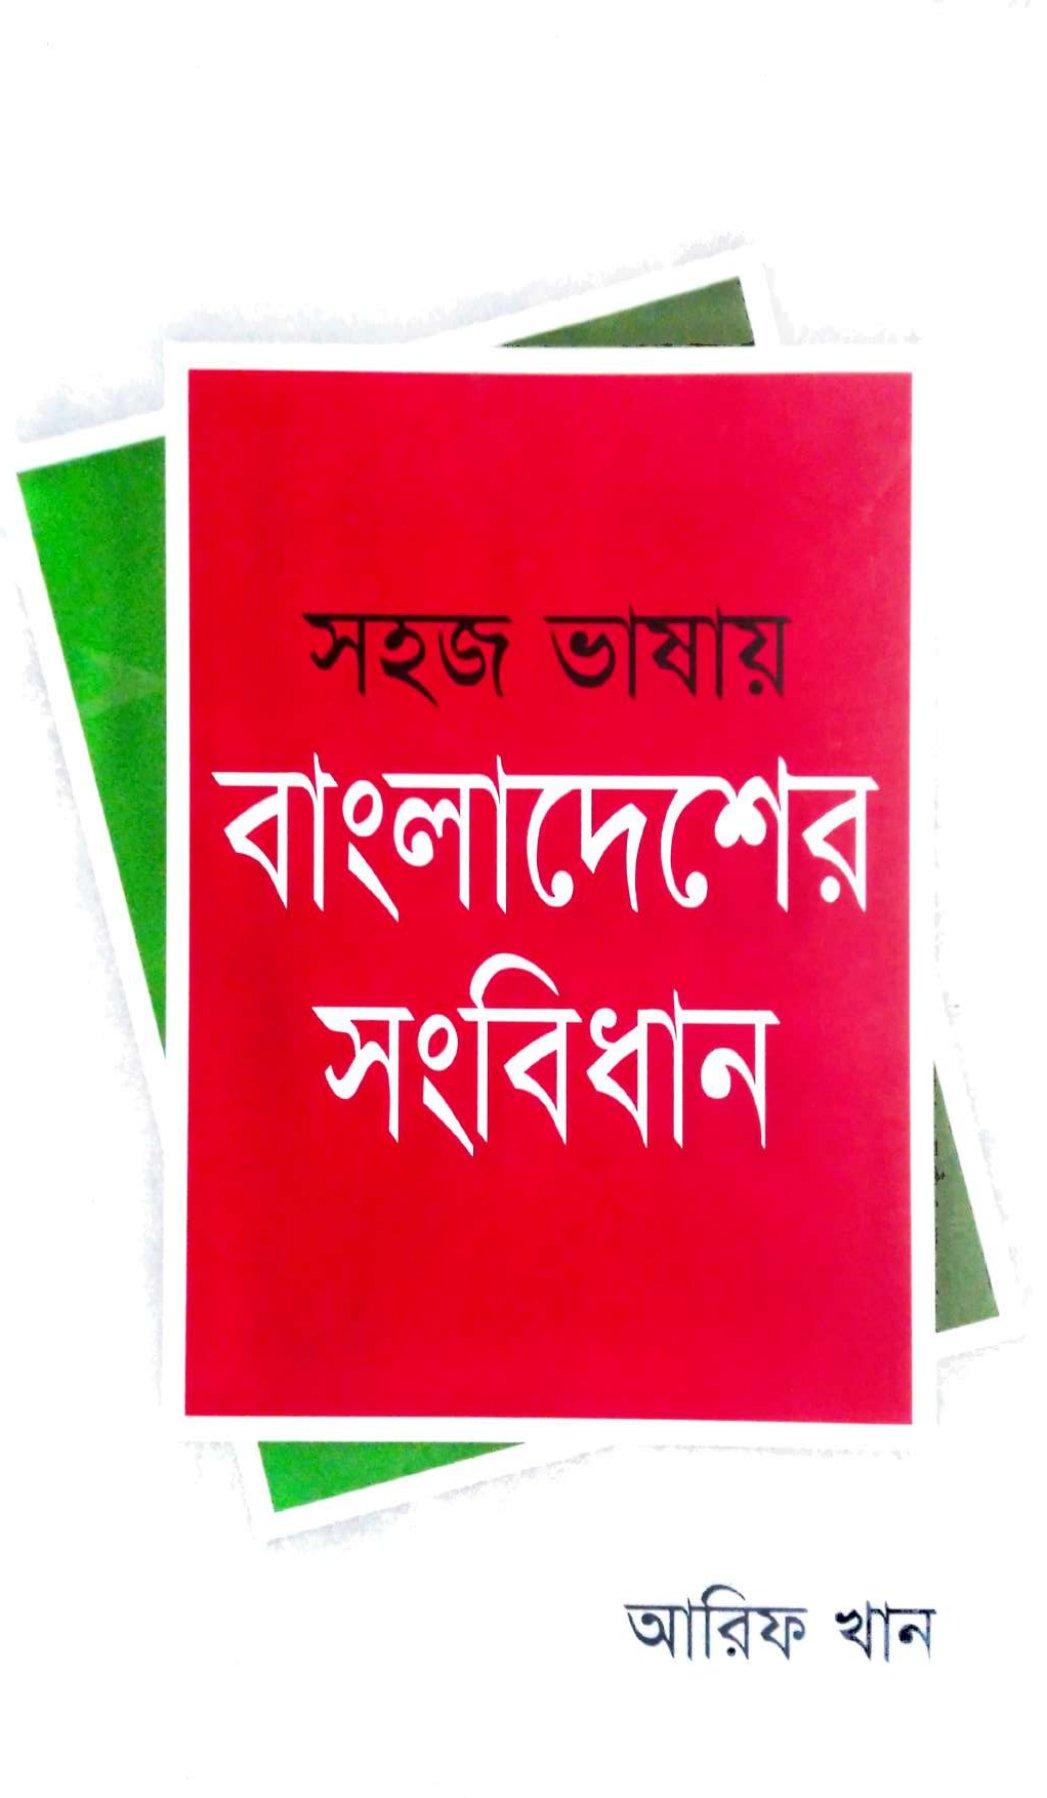 সহজ ভাষায় বাংলাদেশের সংবিধান আরিফ খান pdf